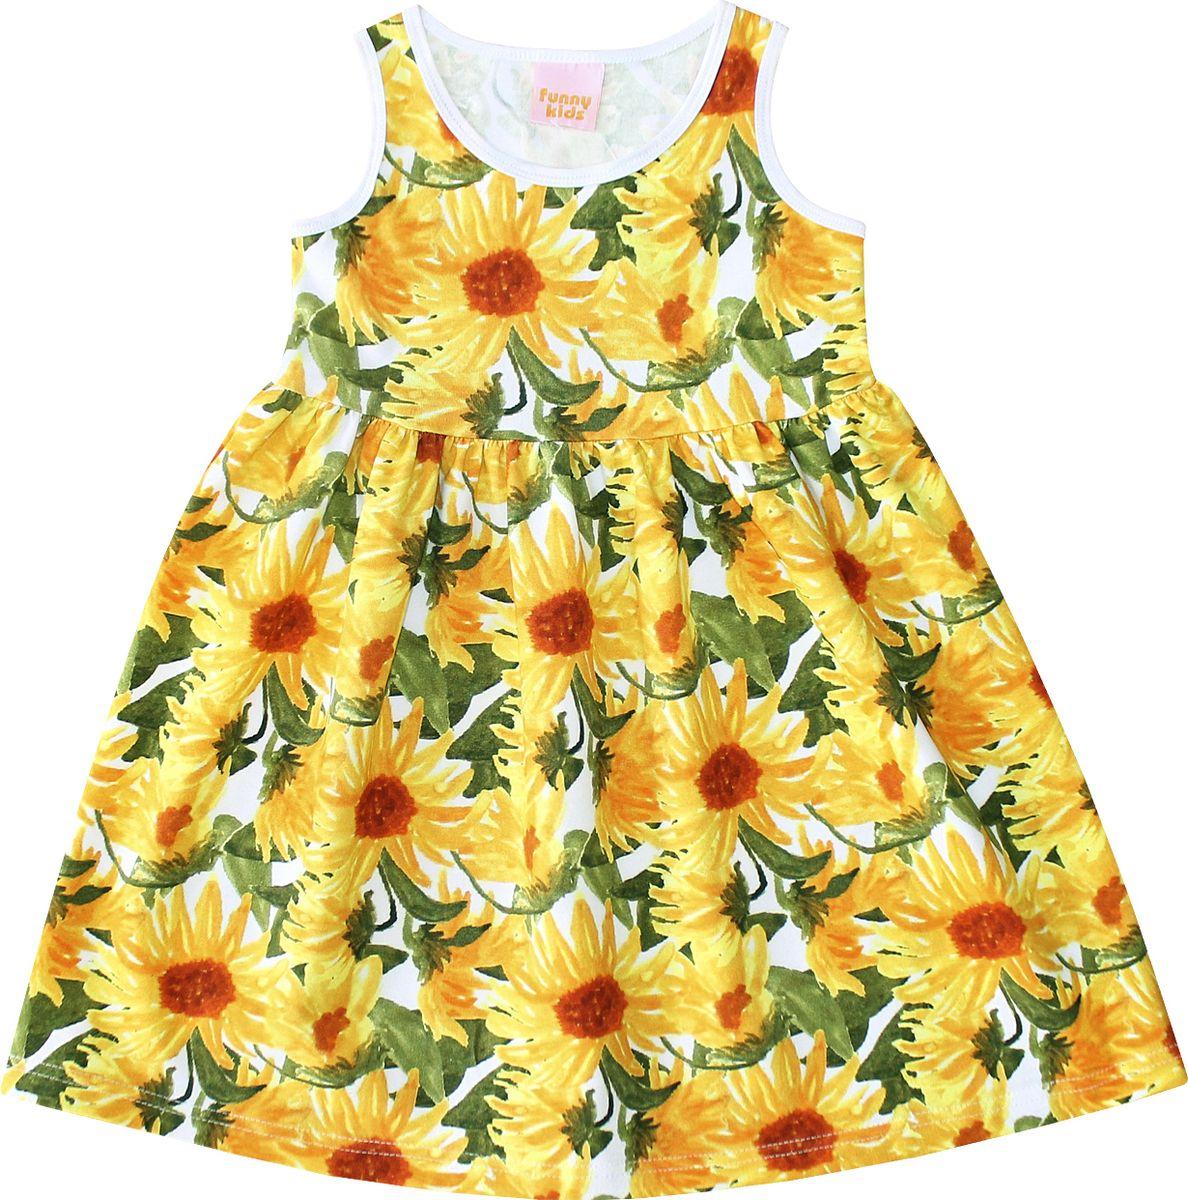 Платье для девочки Веселый малыш Дана, цвет: желтый, зеленый. 348172-L (1)_подсолнухи. Размер 122 стоимость